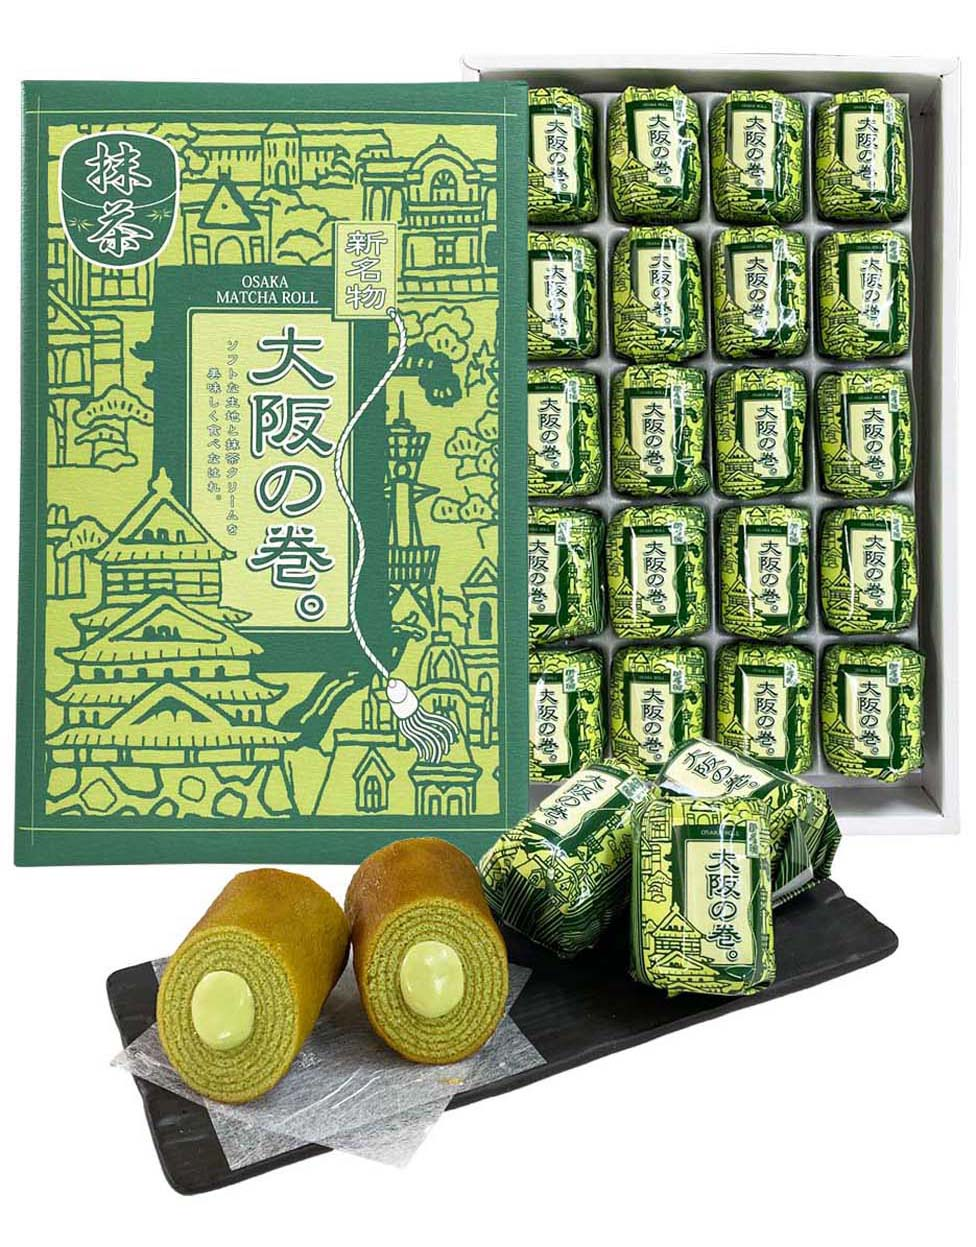 大阪の巻。抹茶